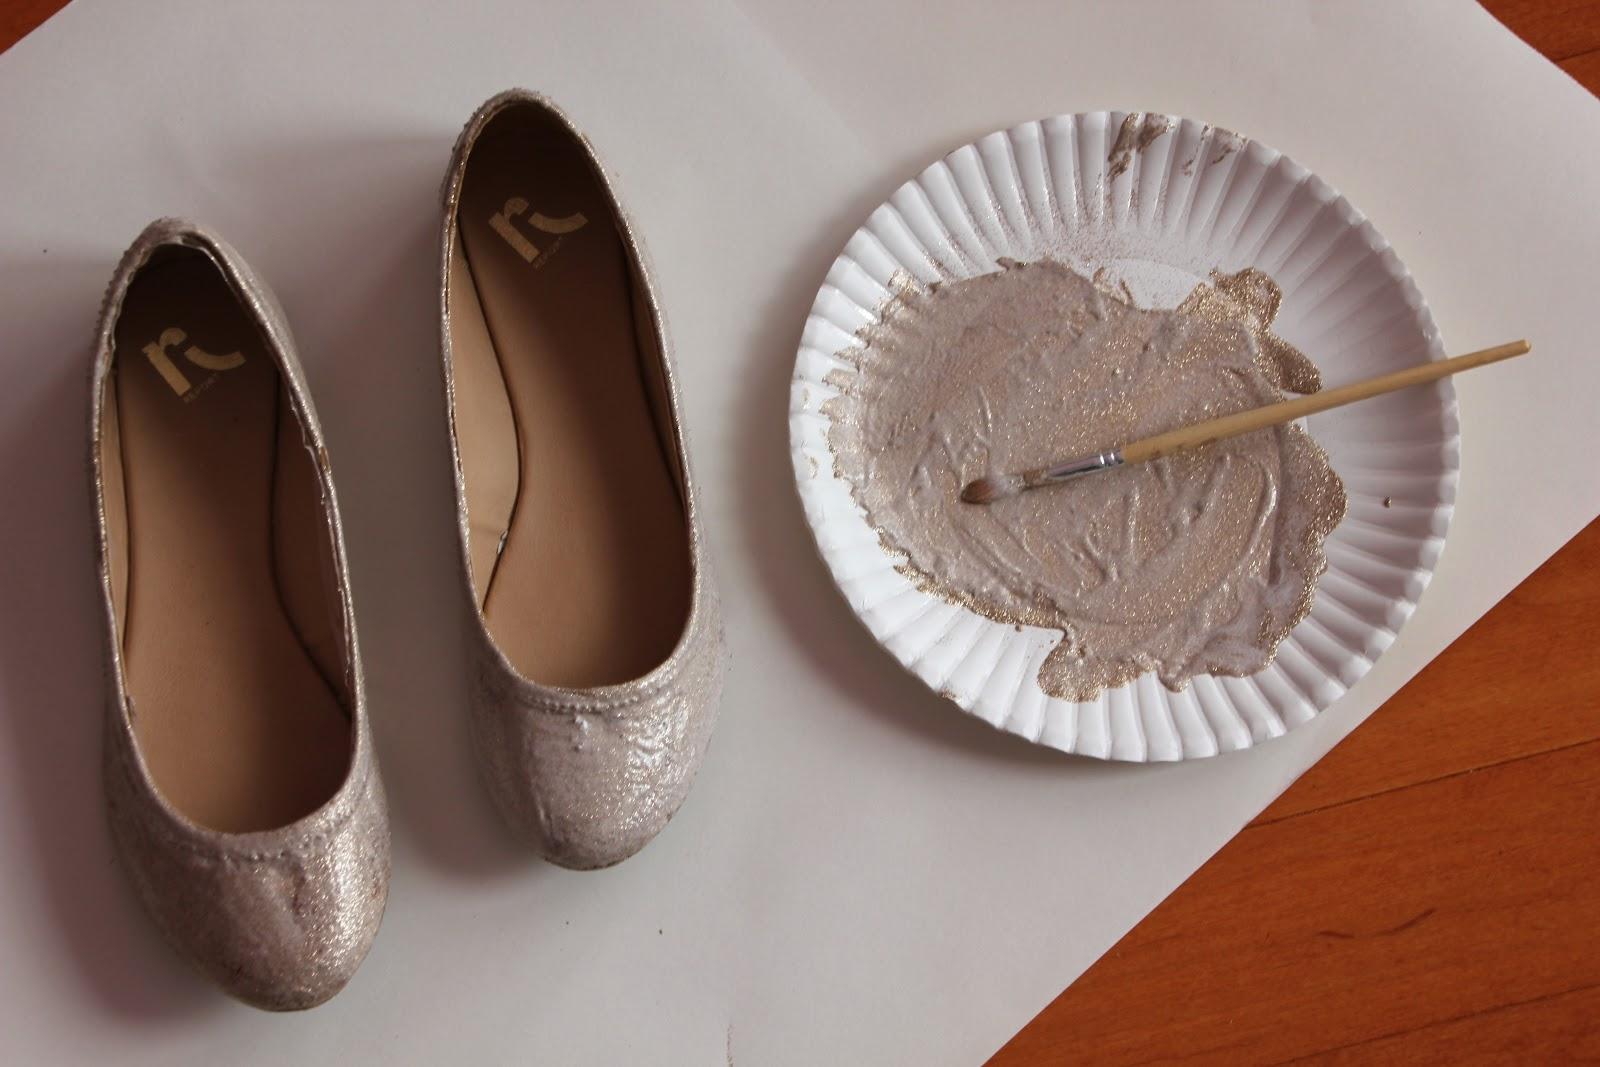 Как украсить балетки своими руками фото